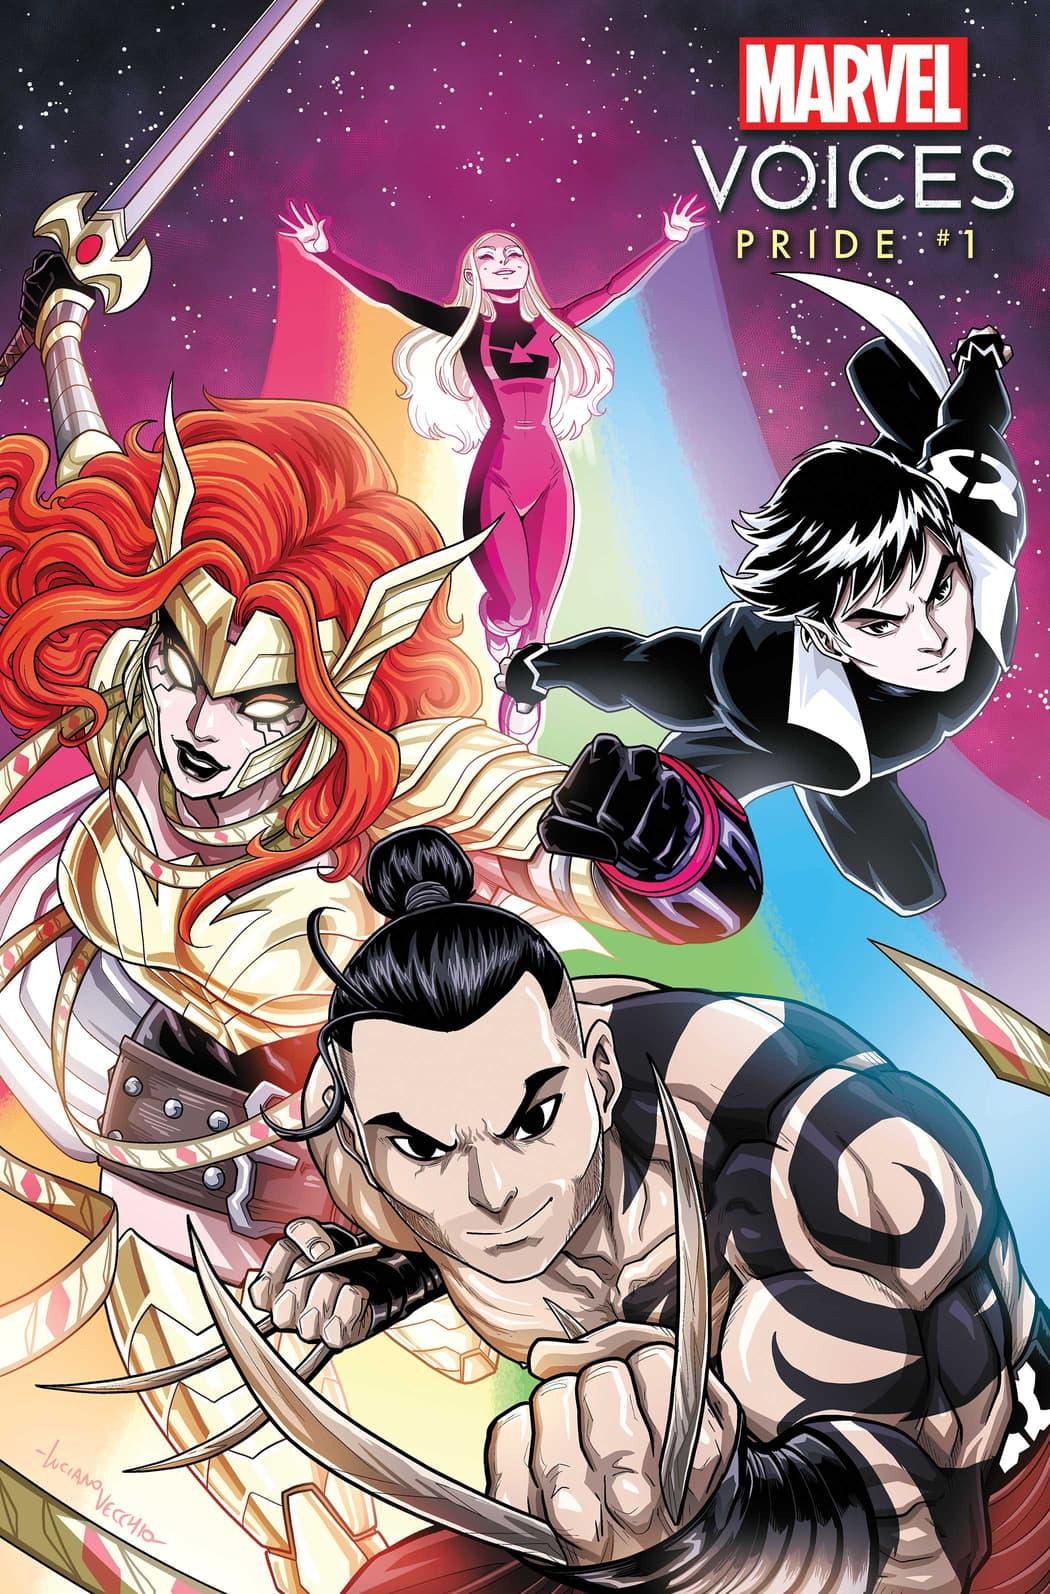 Marvel's Voices Pride #1